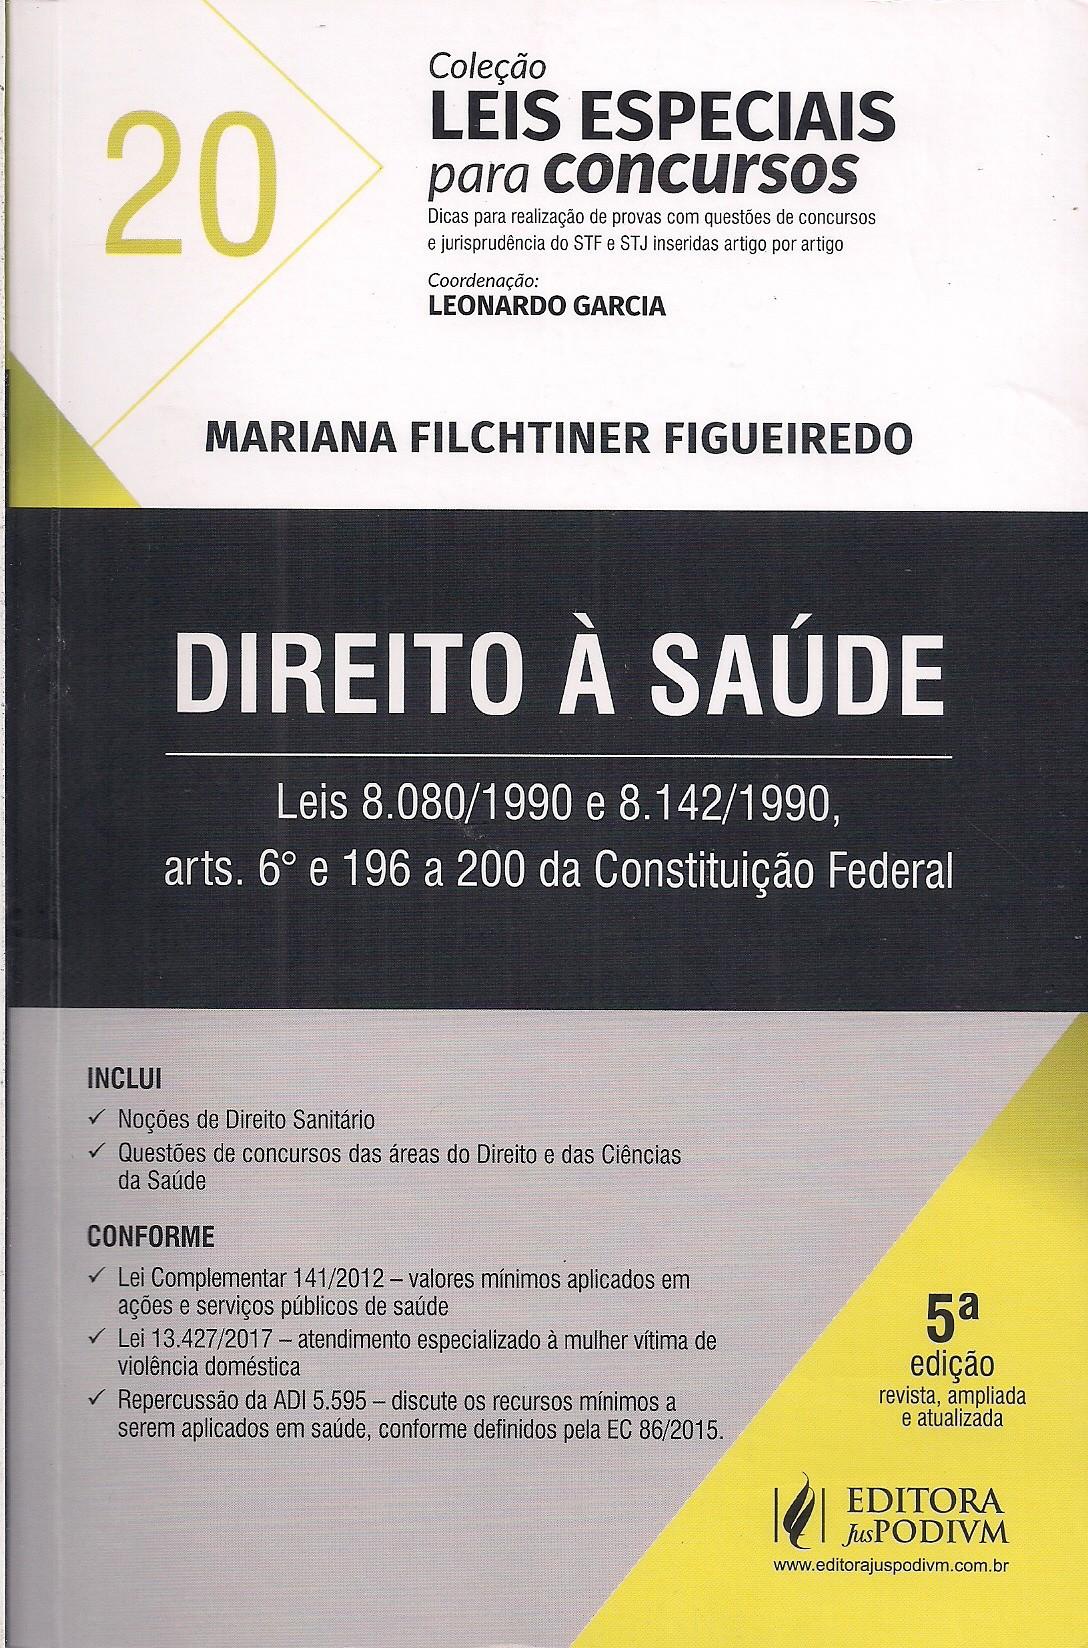 Foto 1 - Leis Especiais para Concursos - Vol. 20 - Direito à Saúde (2018)